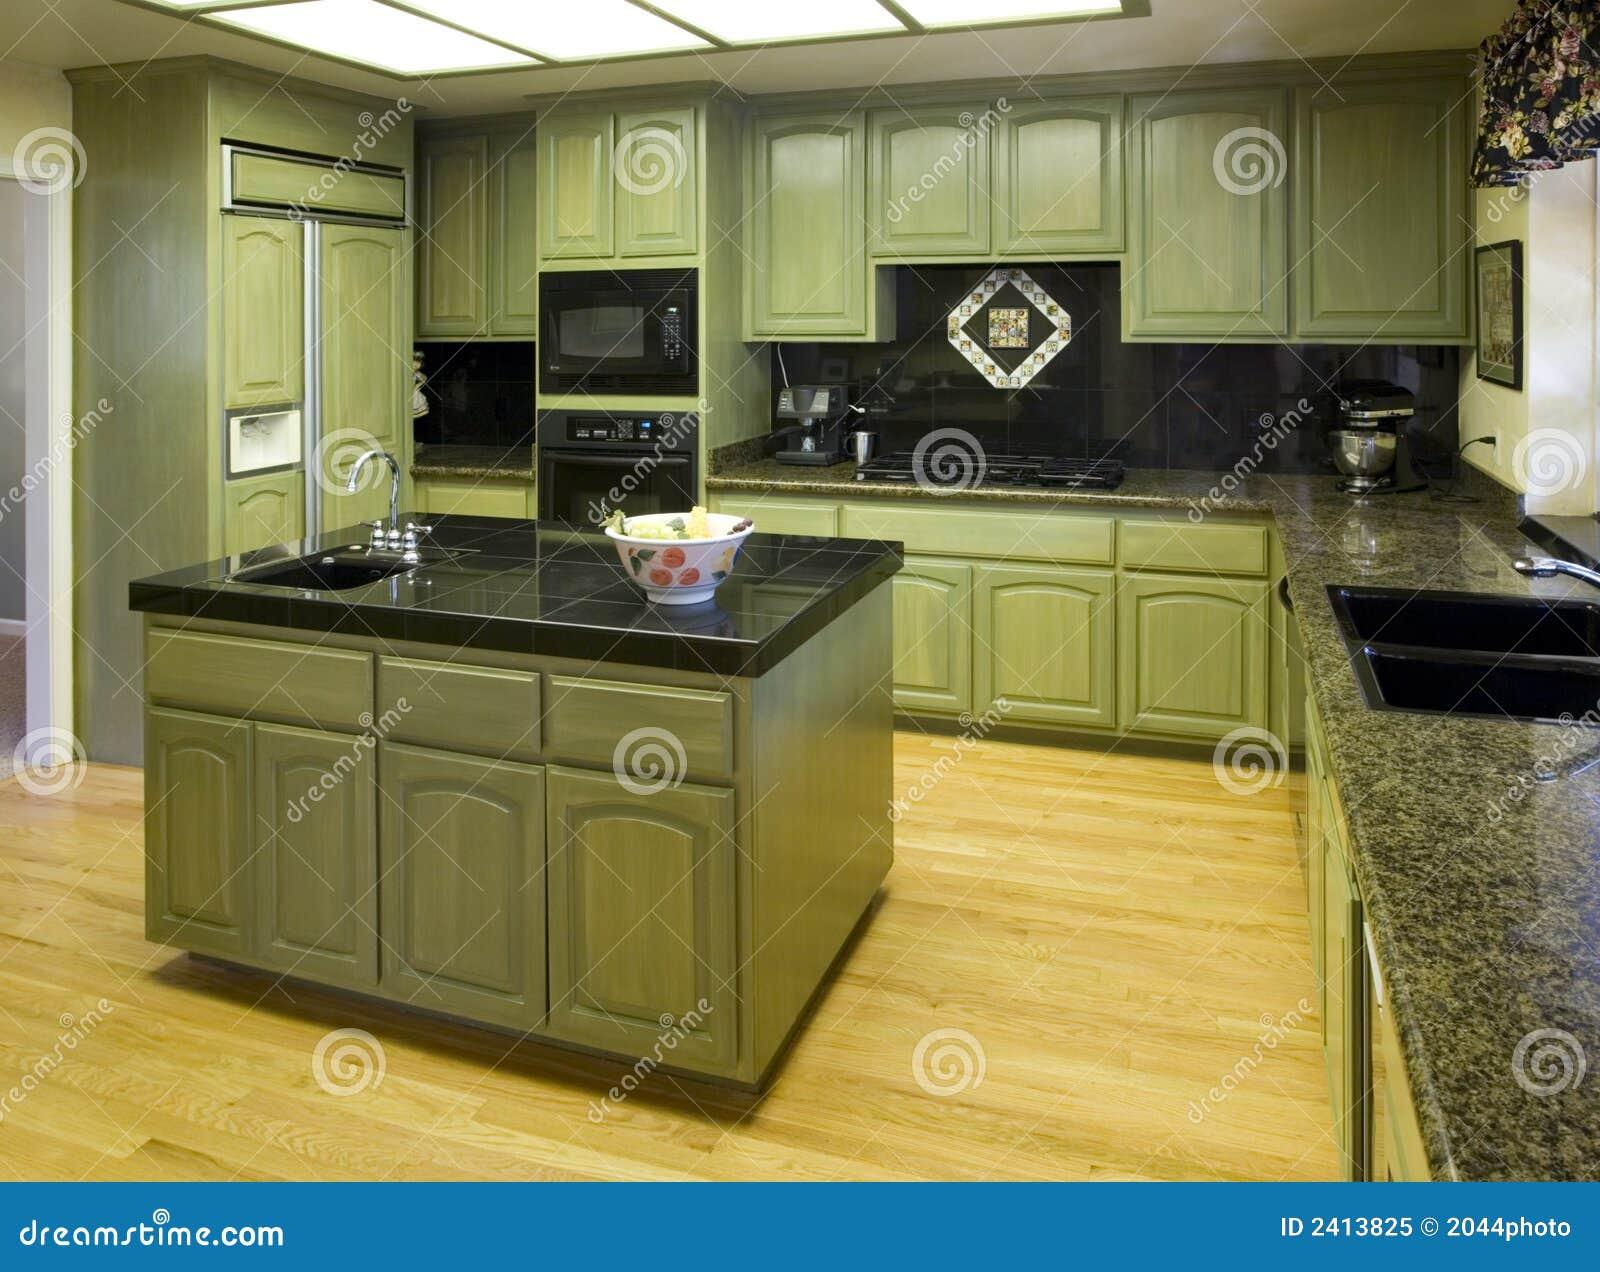 suburban residential kitchen royalty free stock photo image 2413825